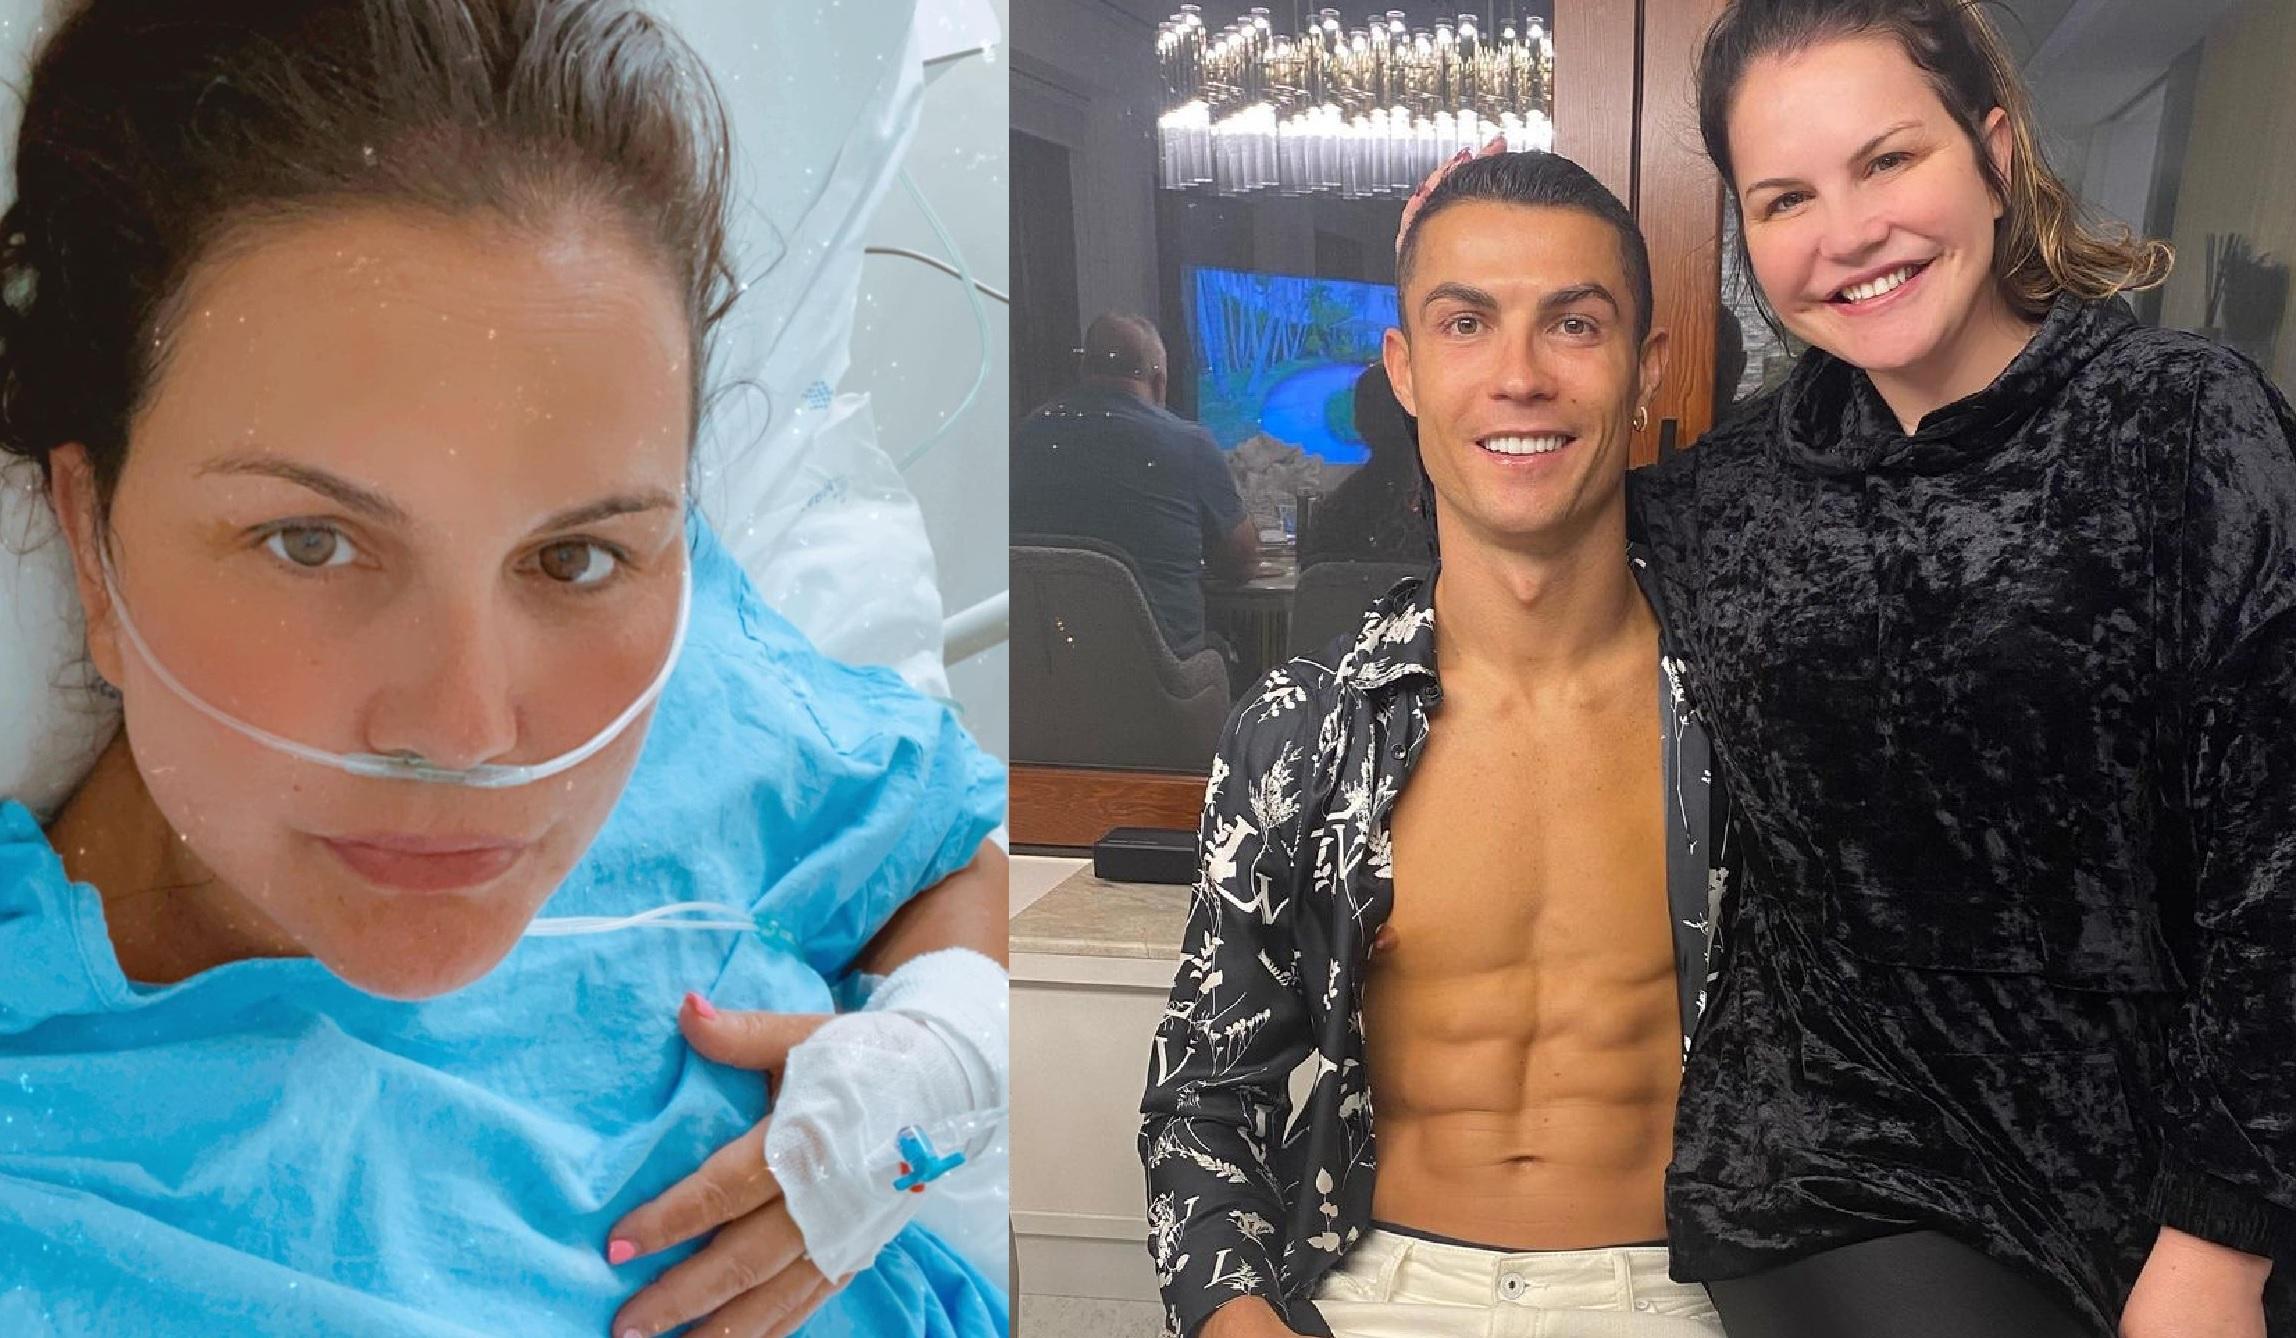 صورة شقيقة كريستيانو رونالدو في حالة صحية متدهورة (صور) – رياضة – عربية ودولية